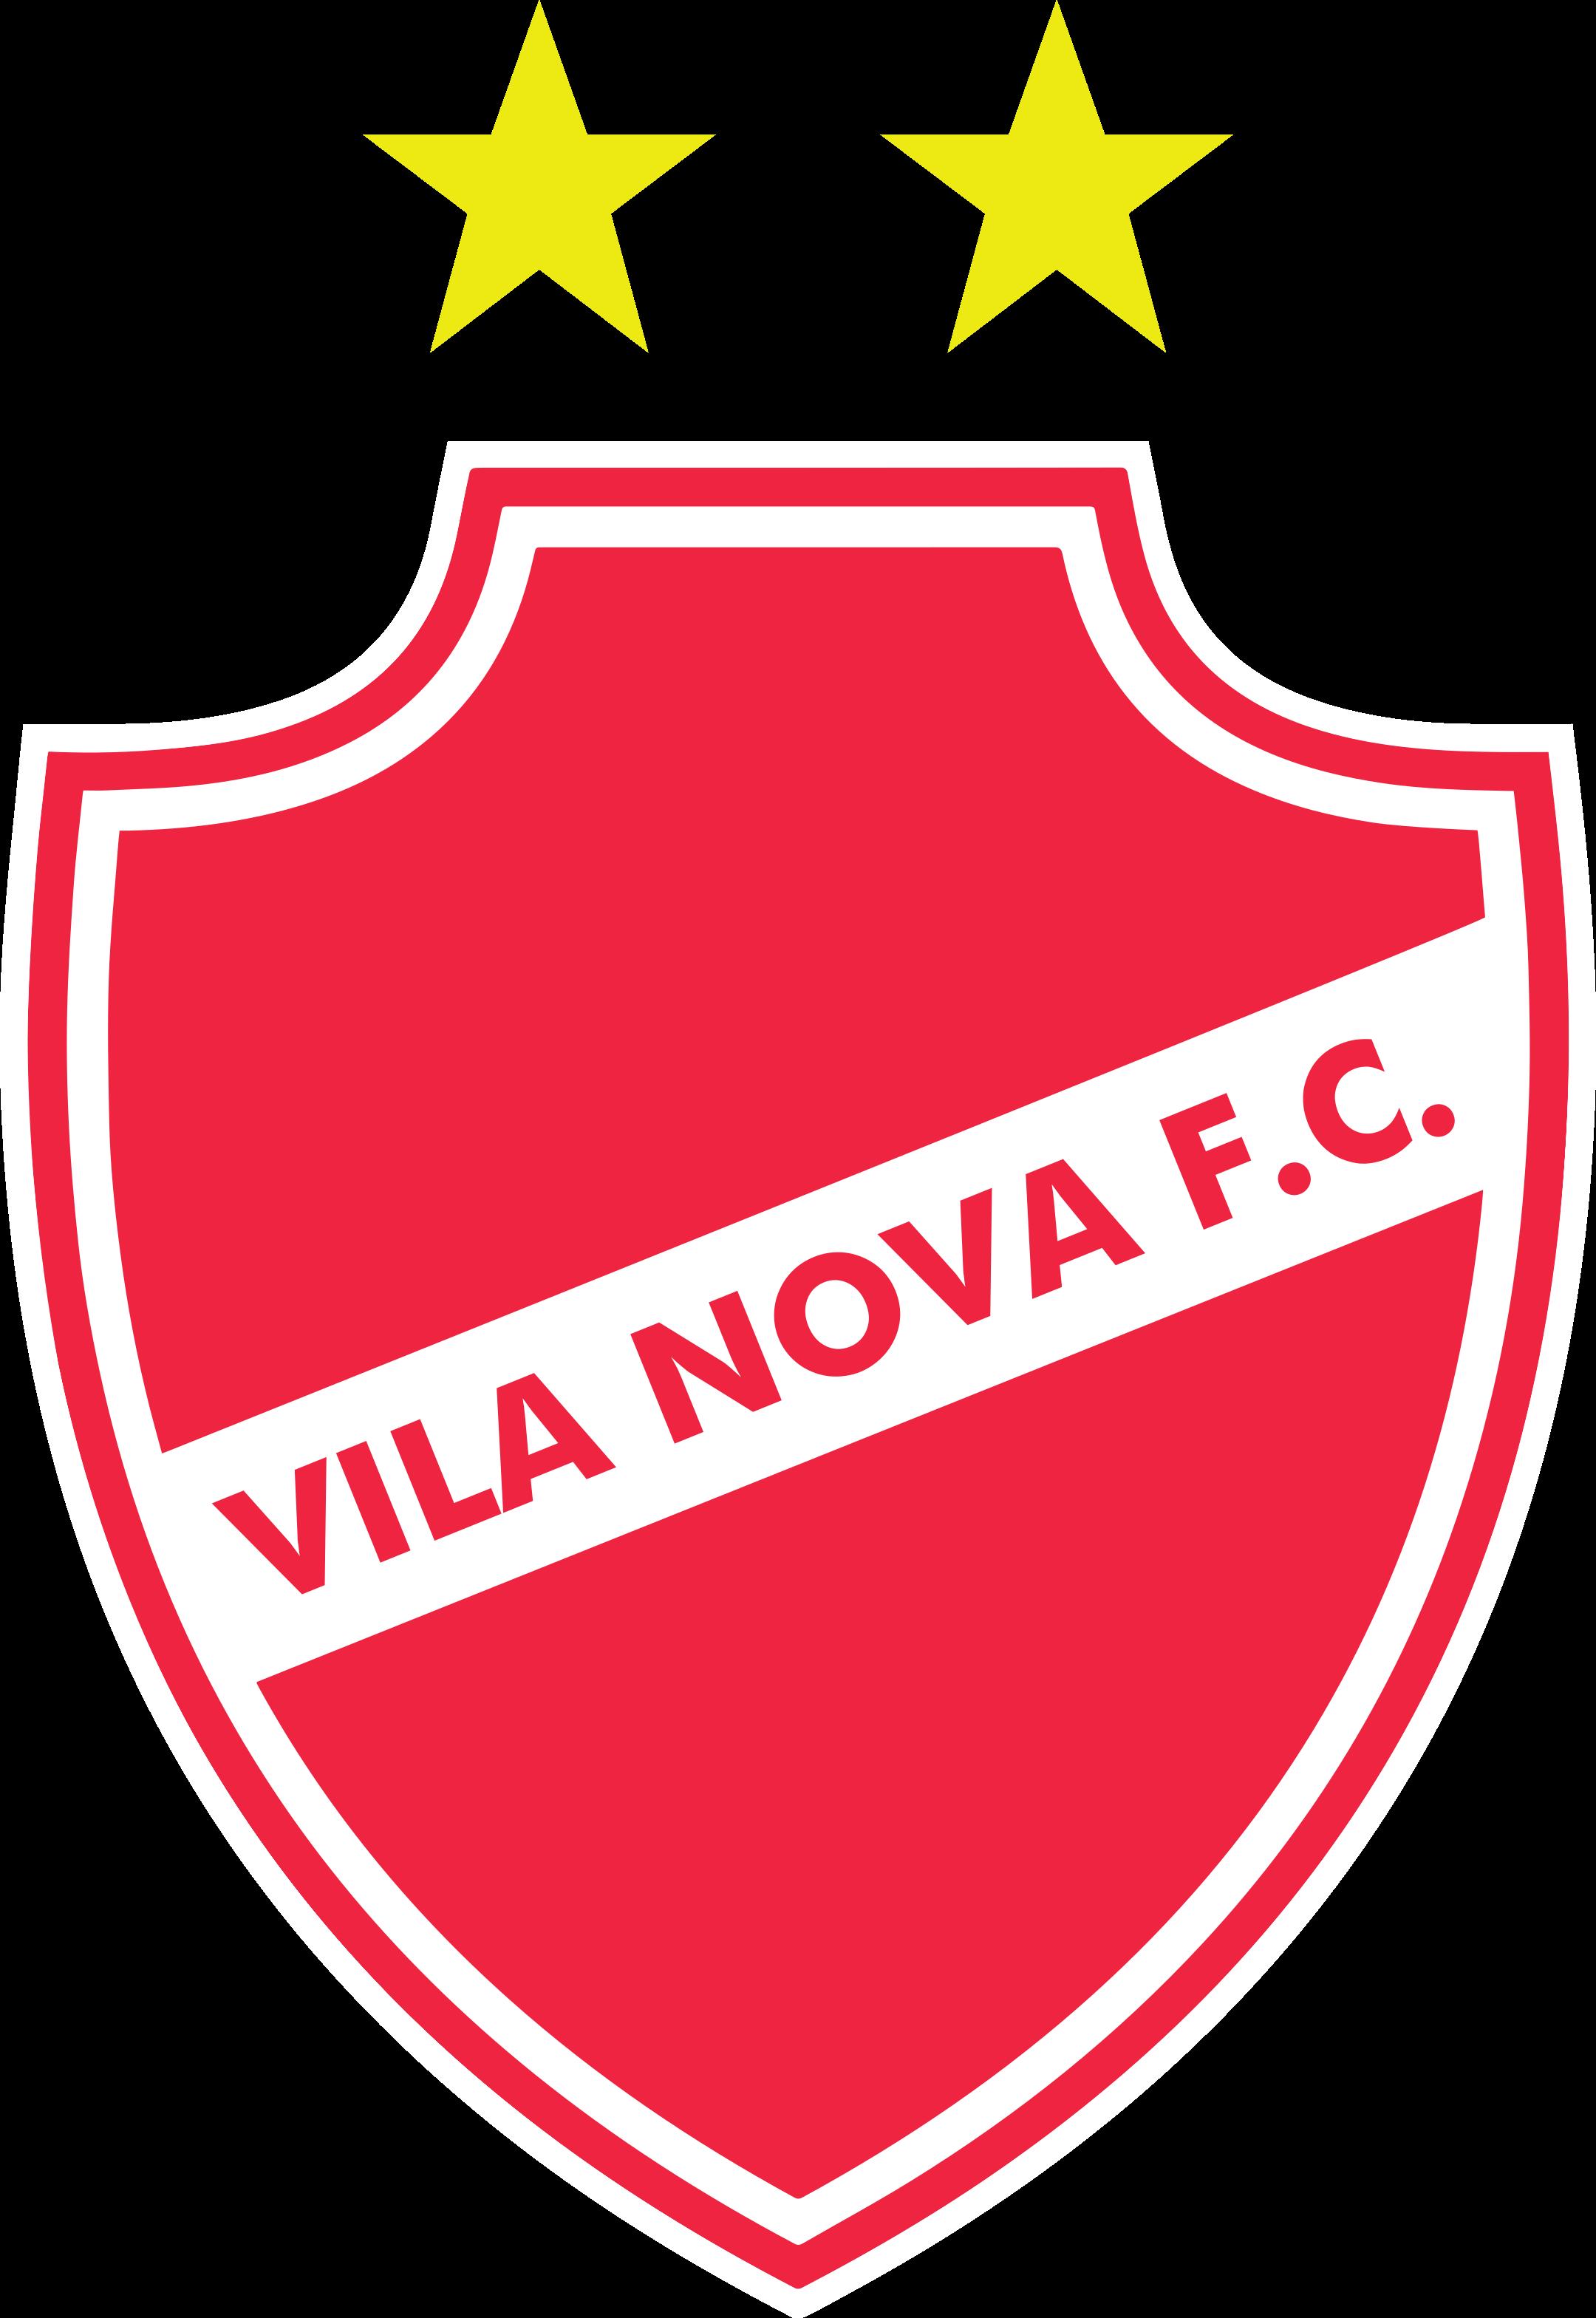 Vila Nova FC logo.